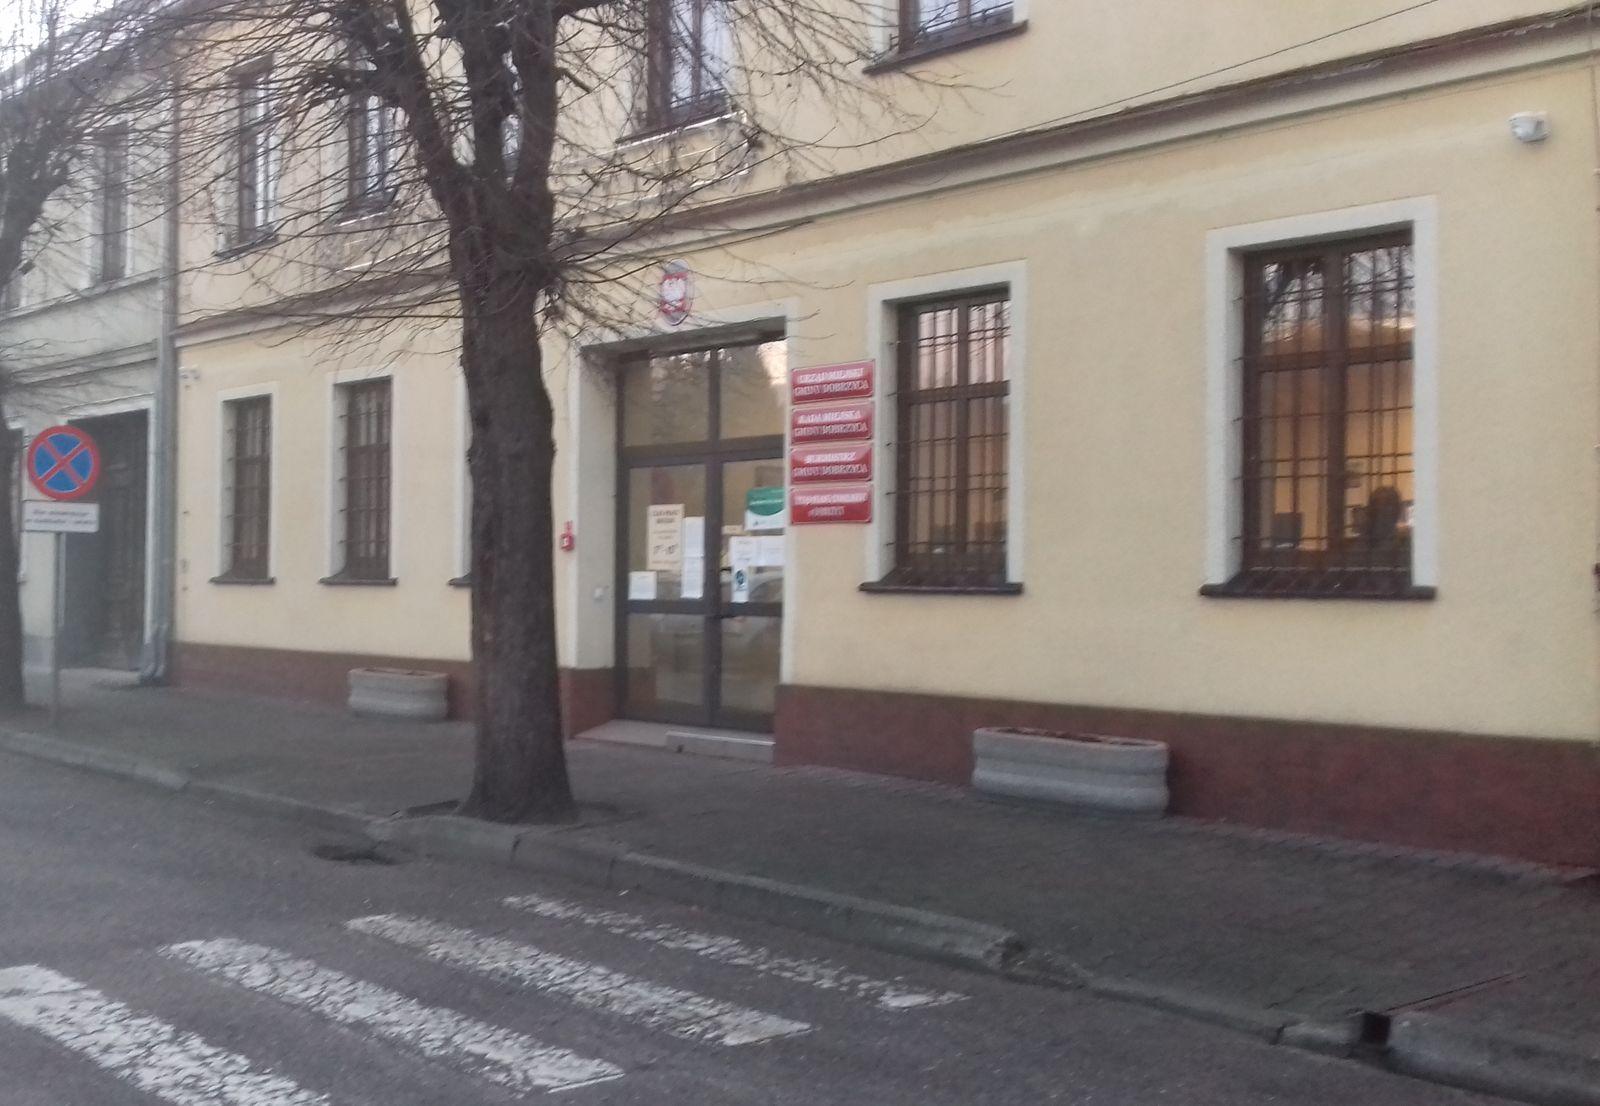 Gmina Dobrzyca. Dach urzędu gminy zostanie wyremontowany. Do kiedy potrwają prace? - Zdjęcie główne